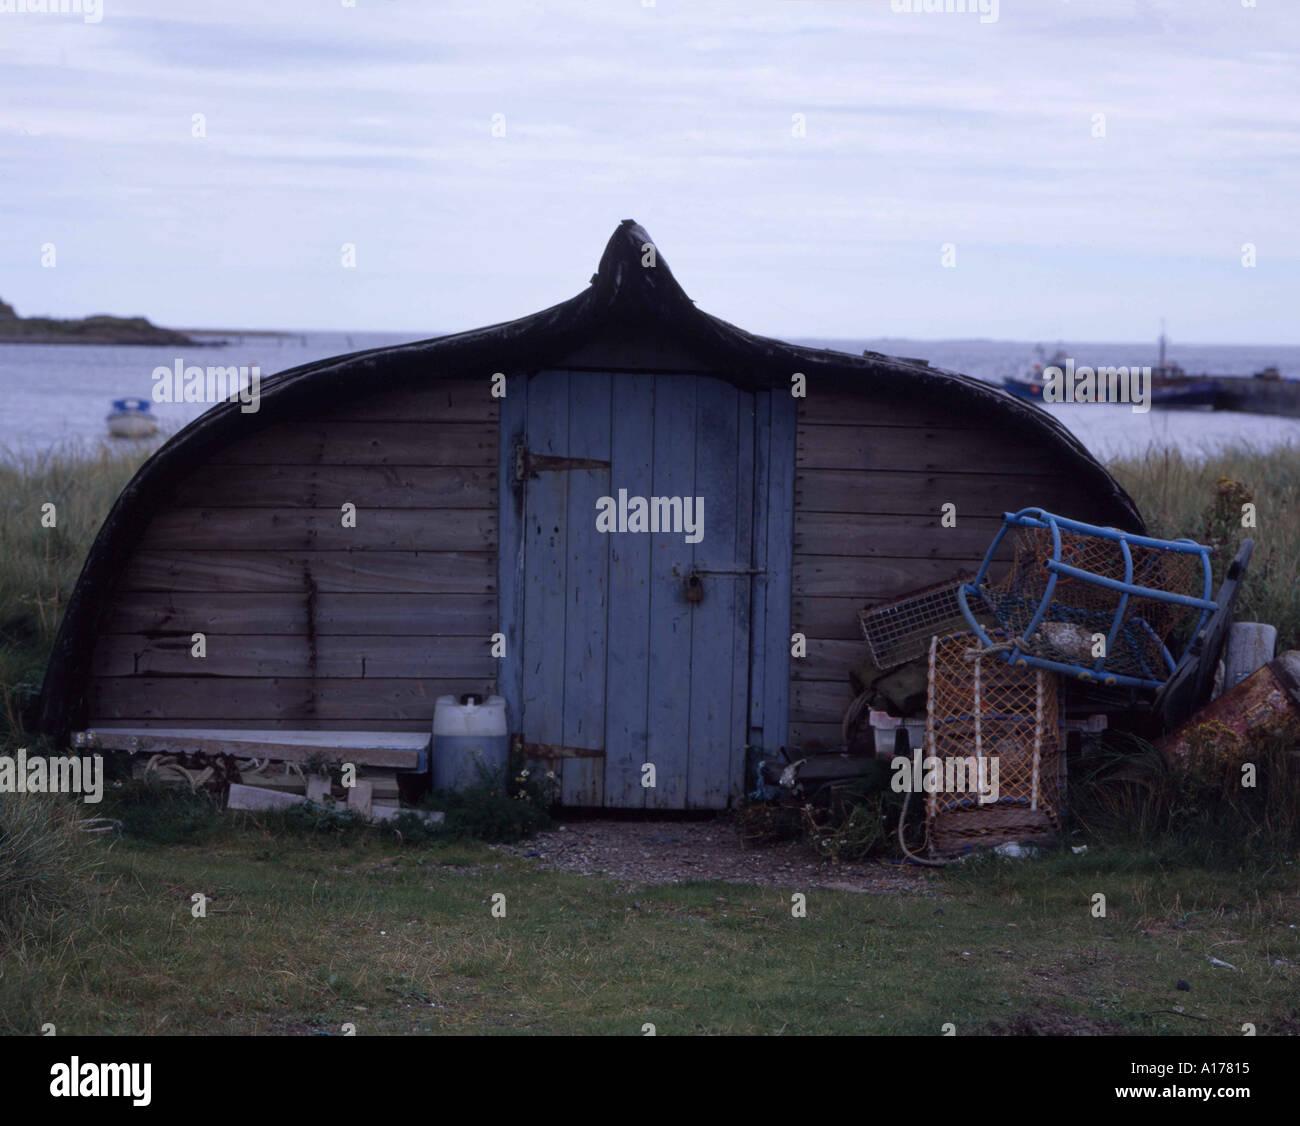 Fishermans hut or Seahouse Holy Island Northumbria UK - Stock Image